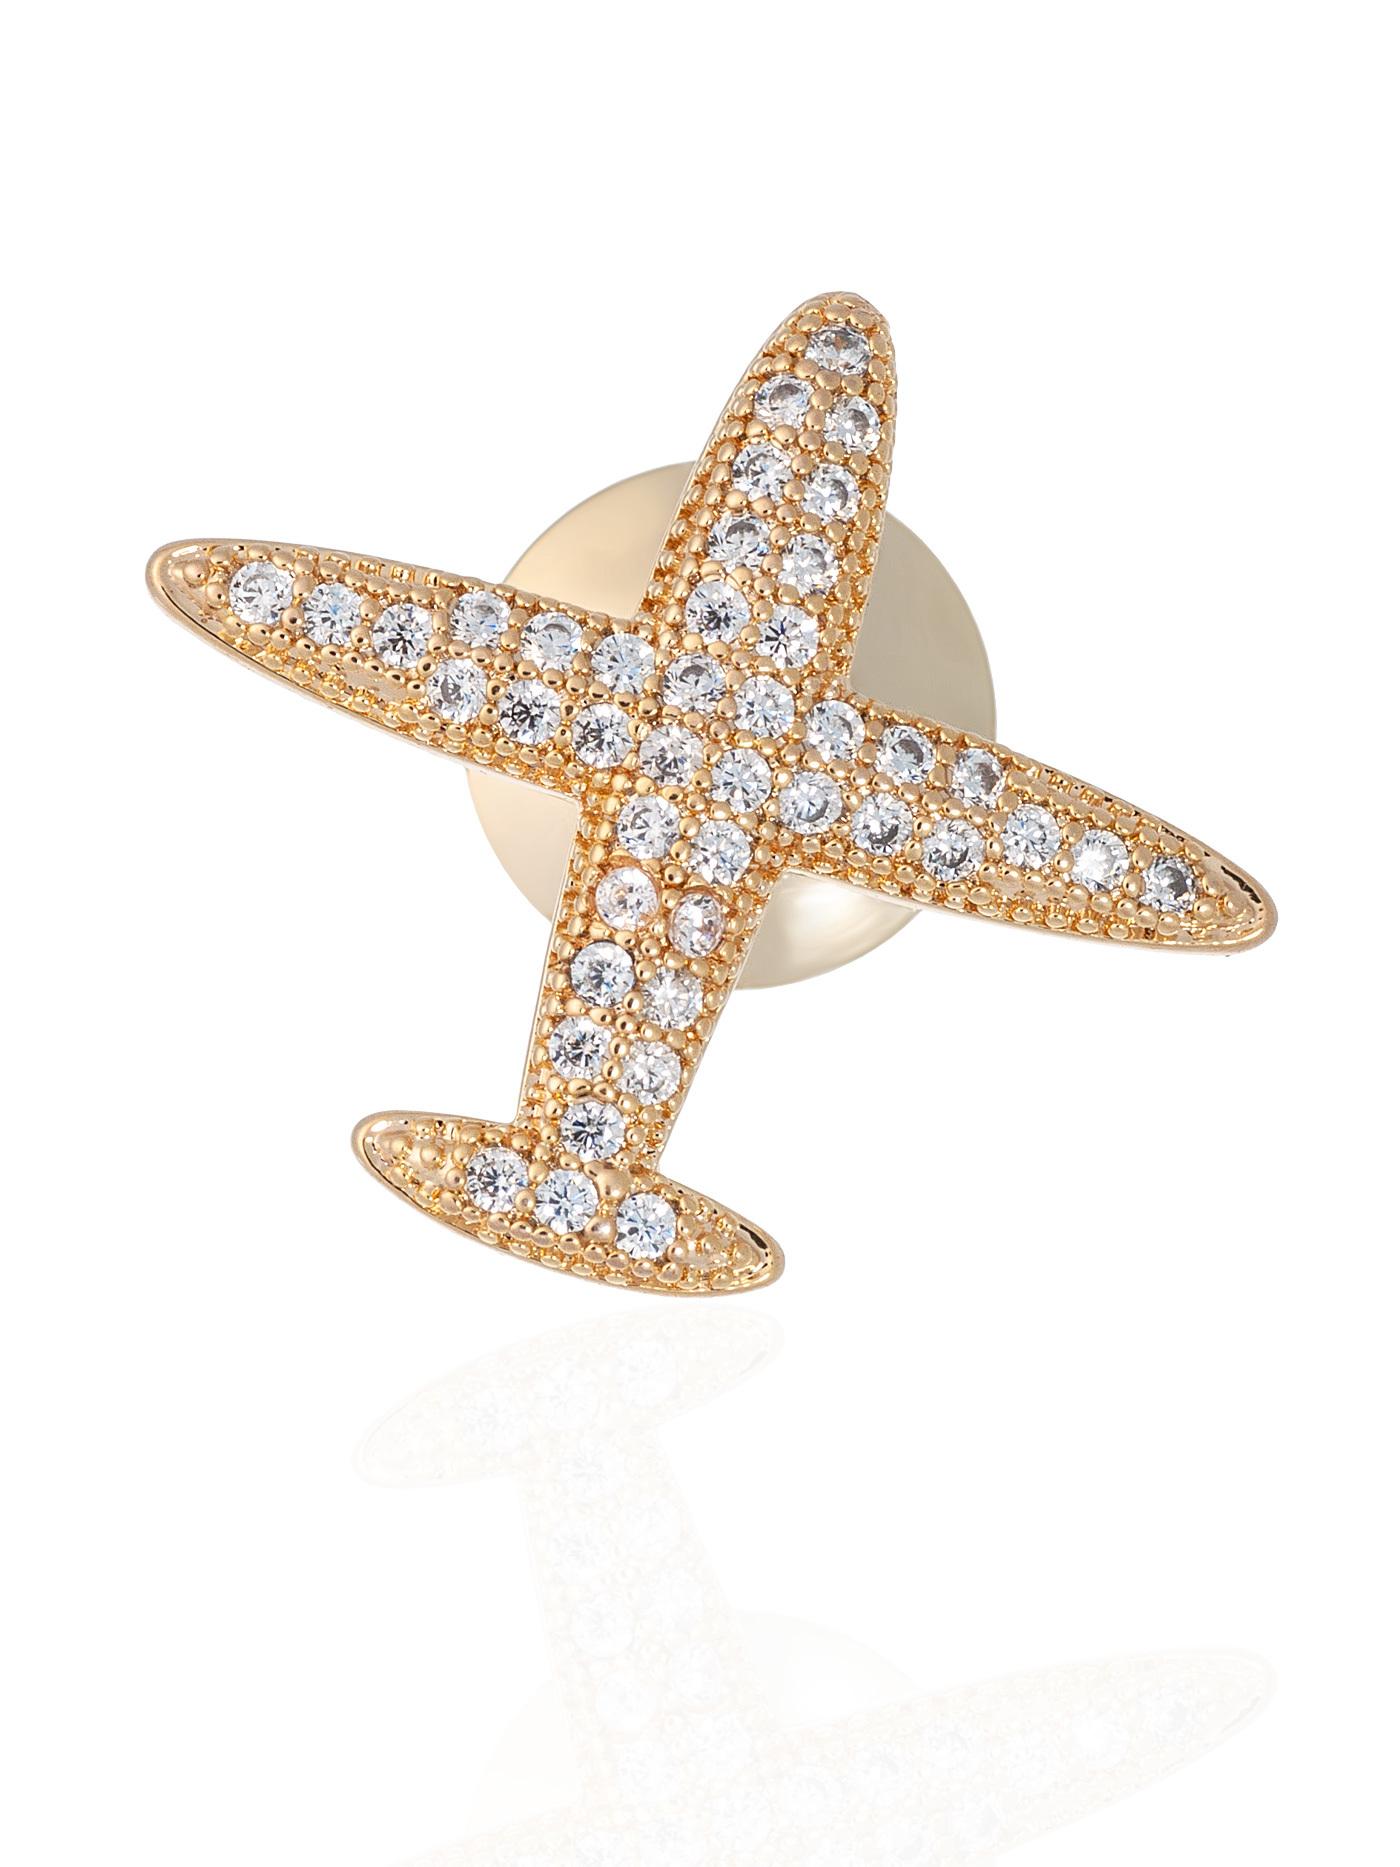 Мини-брошь-значок Самолет, подарок стюардессе